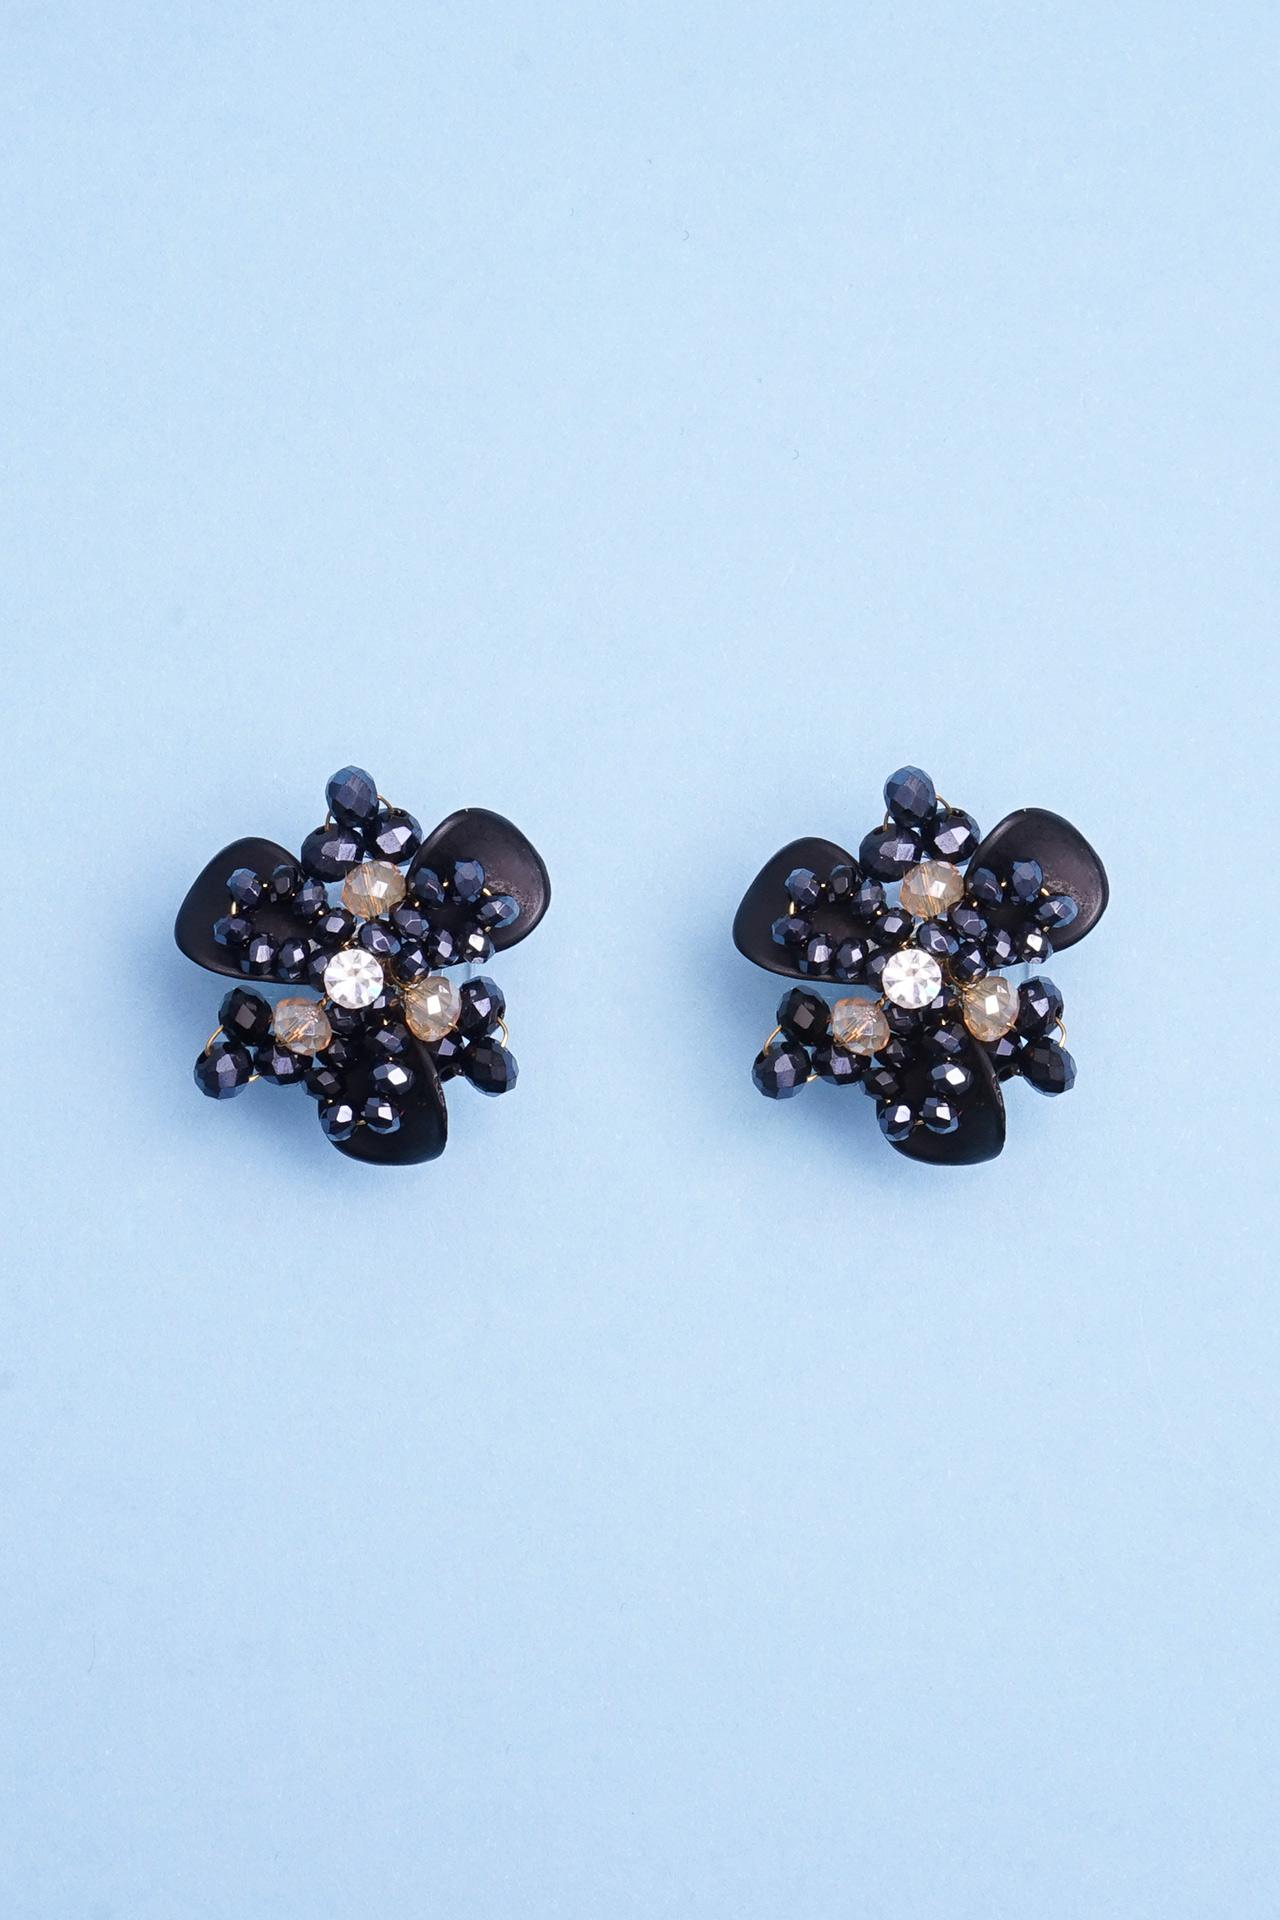 Aretes hechos a mano con alambre gold filled, postes hipoalergénicos combinado con piedras murano, perlas y mostacillas checas. Perfecto para darle un toque especial a tu look.  Diámetro:2 cm x 2 cm